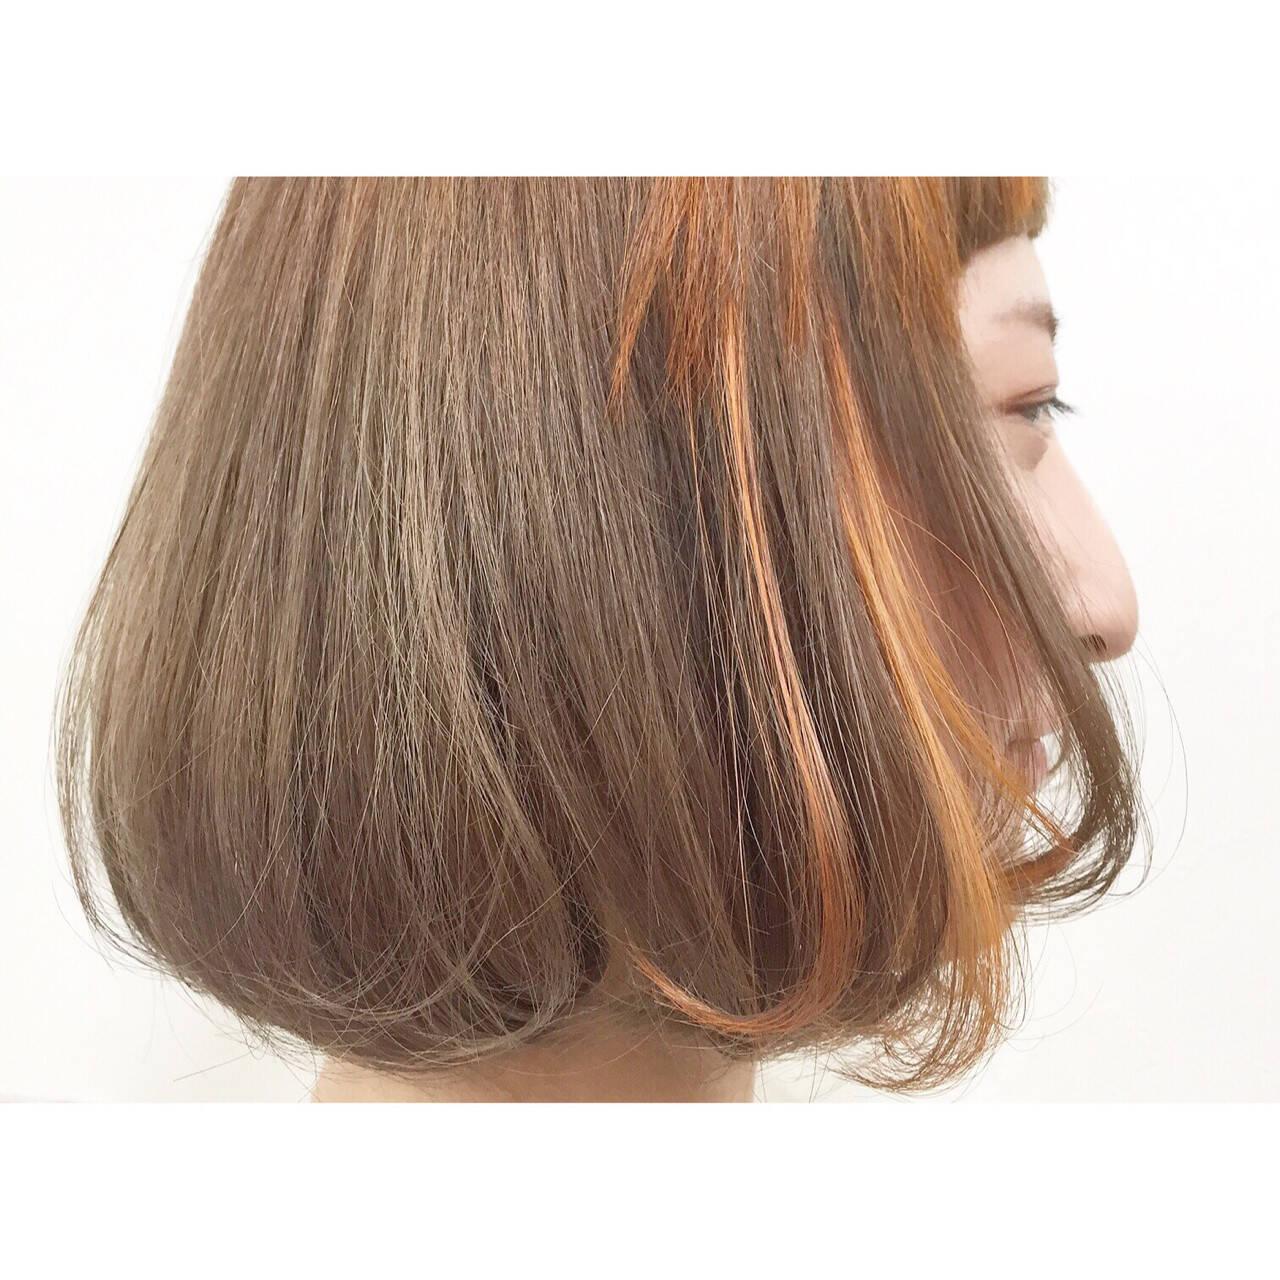 ダブルカラー インナーカラー アッシュ ストリートヘアスタイルや髪型の写真・画像